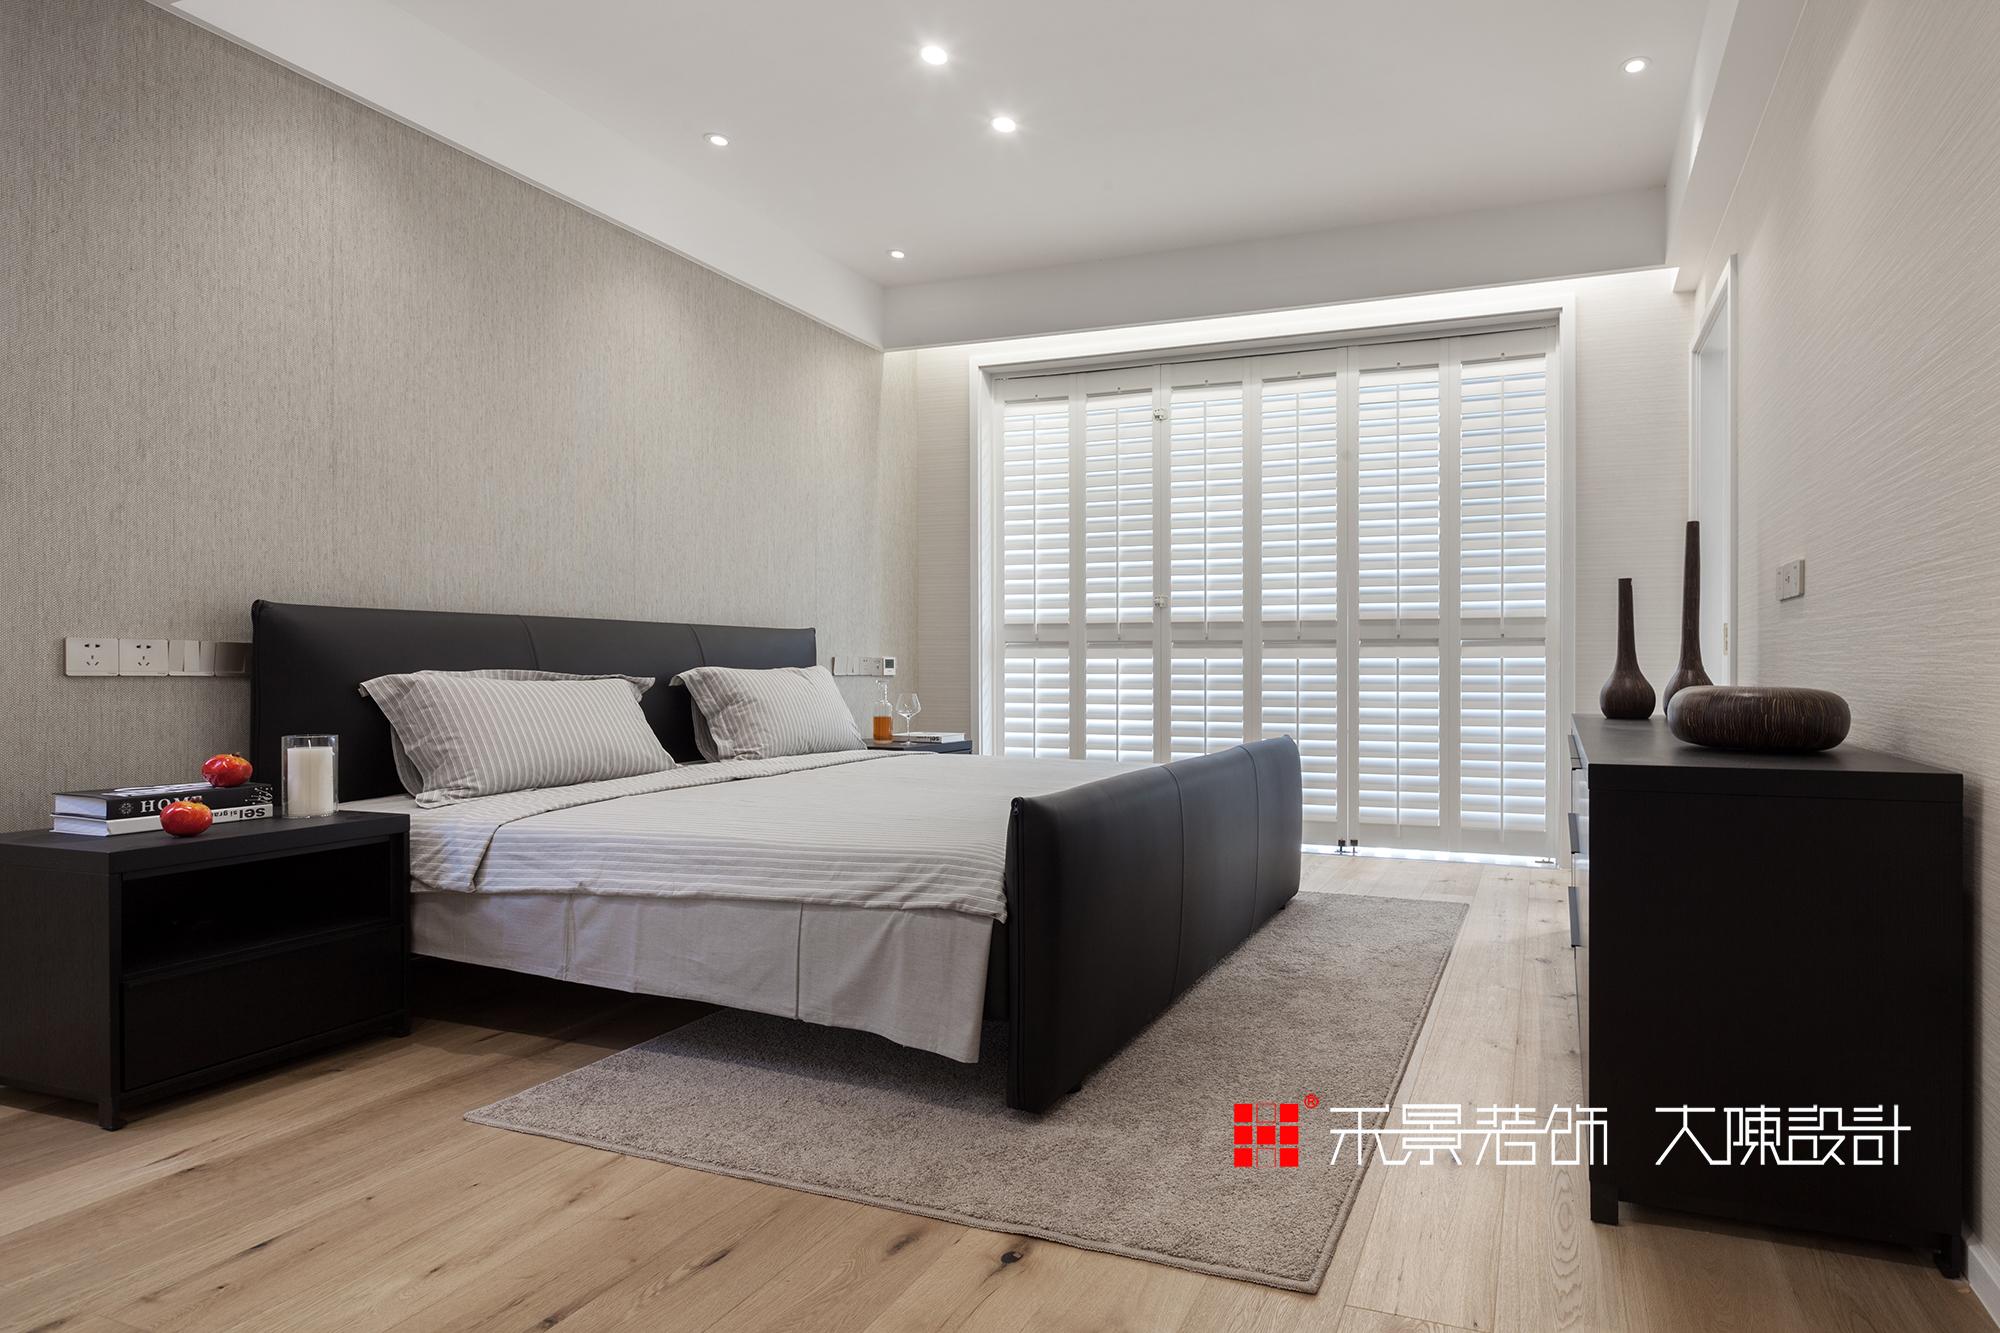 别墅 小资 卧室图片来自禾景大陈设计在禾景作品丨适度设计,顺势而为的分享